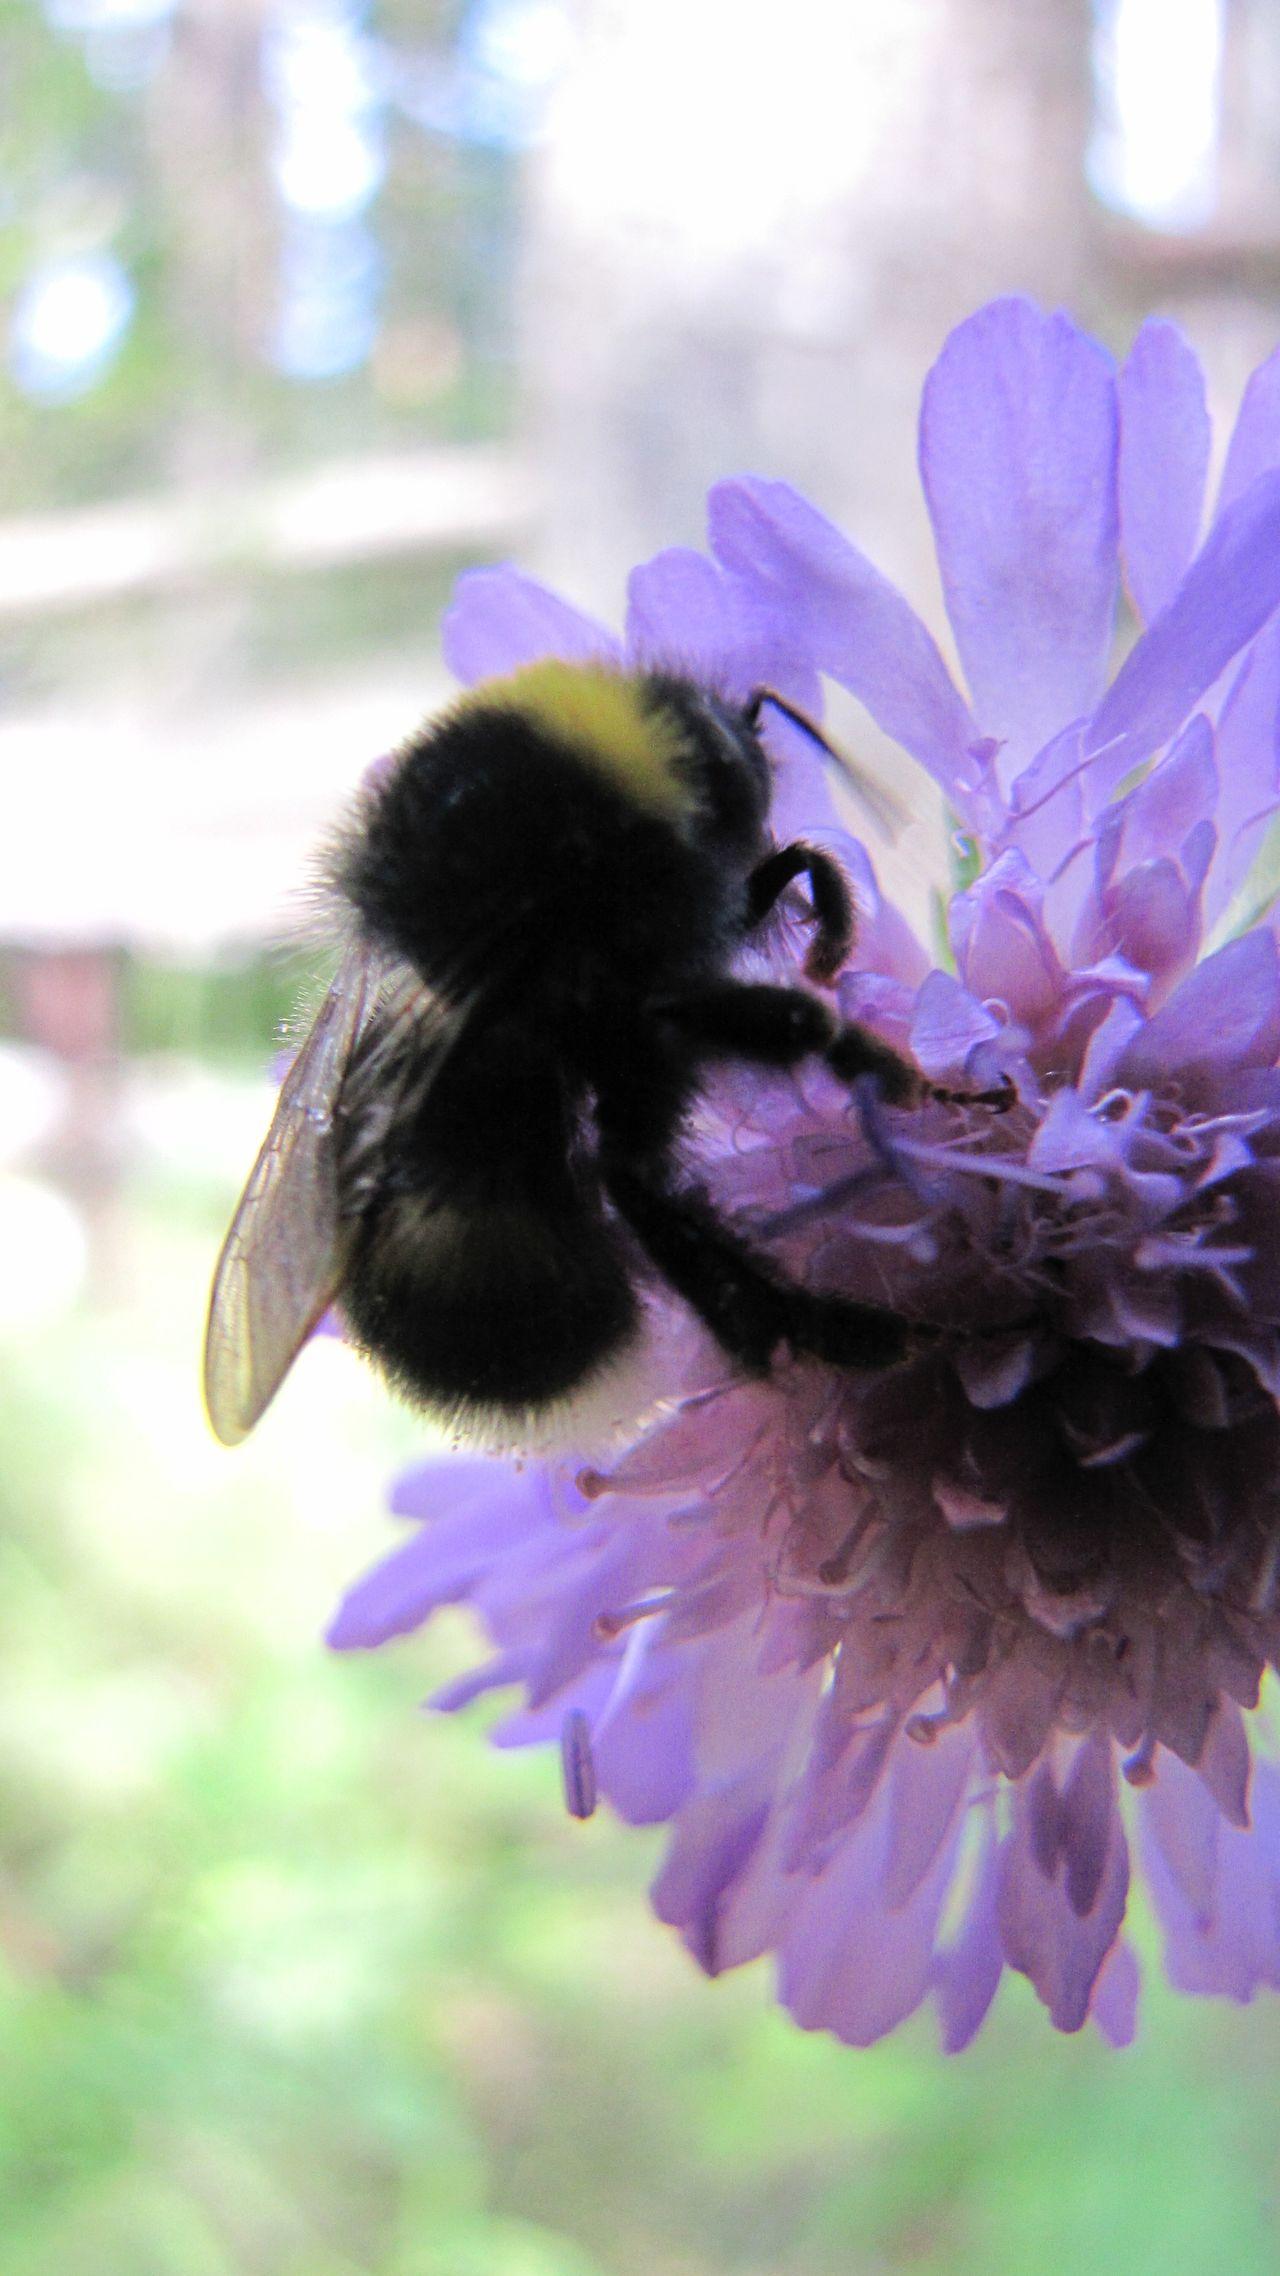 шмели шмель Hum Zoom Wings Green Bumblebee Bugs Beetle Violet Easter Ready